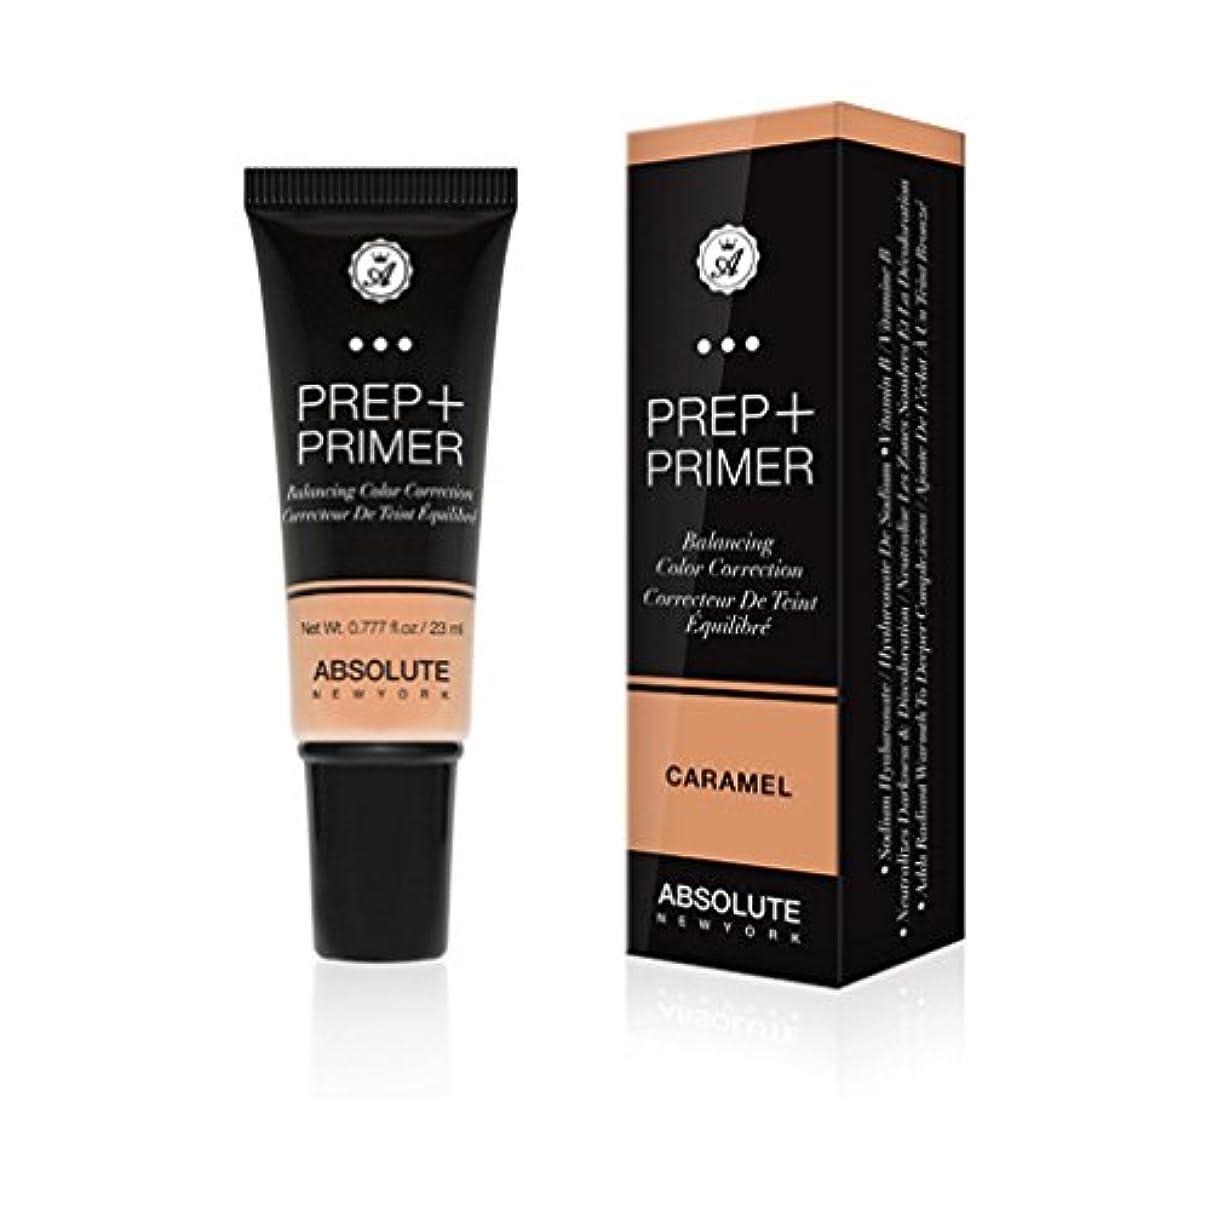 何故なのハンディ作り上げる(6 Pack) ABSOLUTE Prep + Primer - Caramel (並行輸入品)